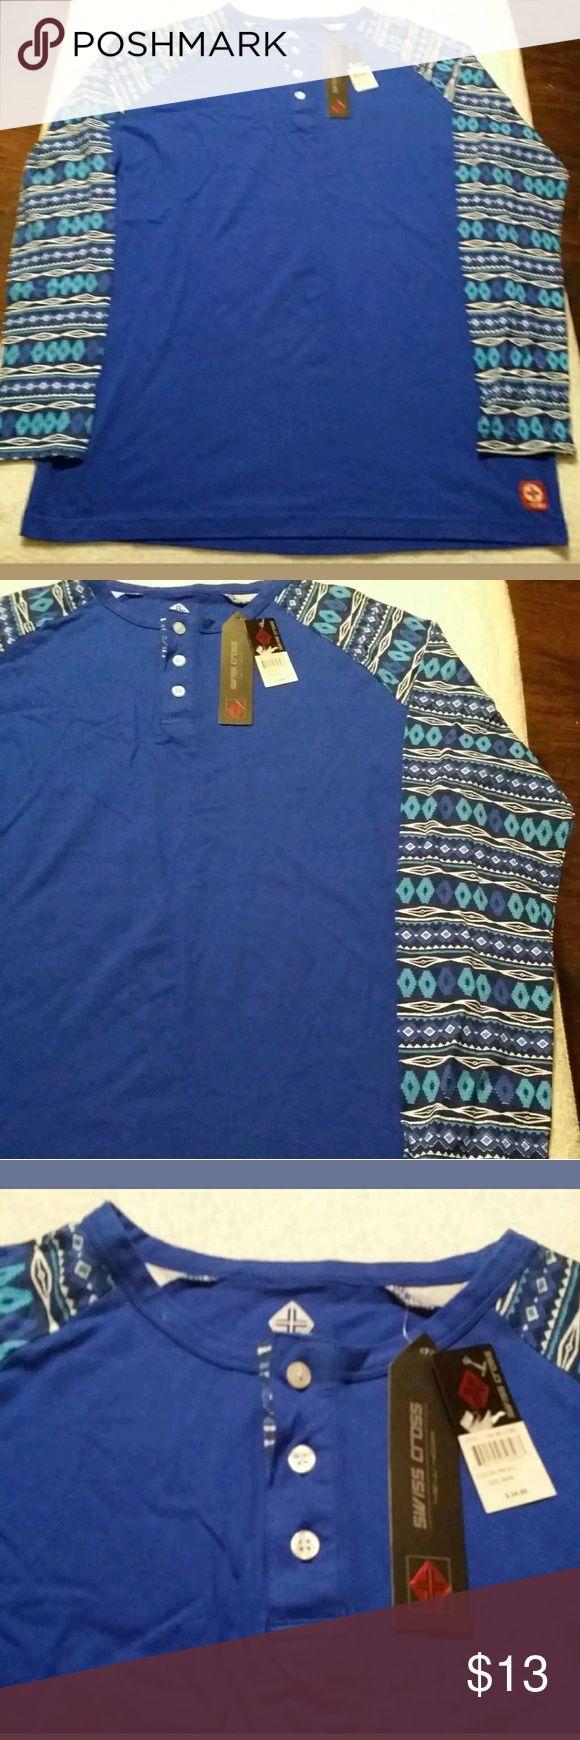 Swiss Cross Men's Blue Henley Shirt Size M Swiss Cross Men's Blue Henley With Design On Long Sleeve Shirt Size Medium New. Swiss Cross Shirts Tees - Long Sleeve